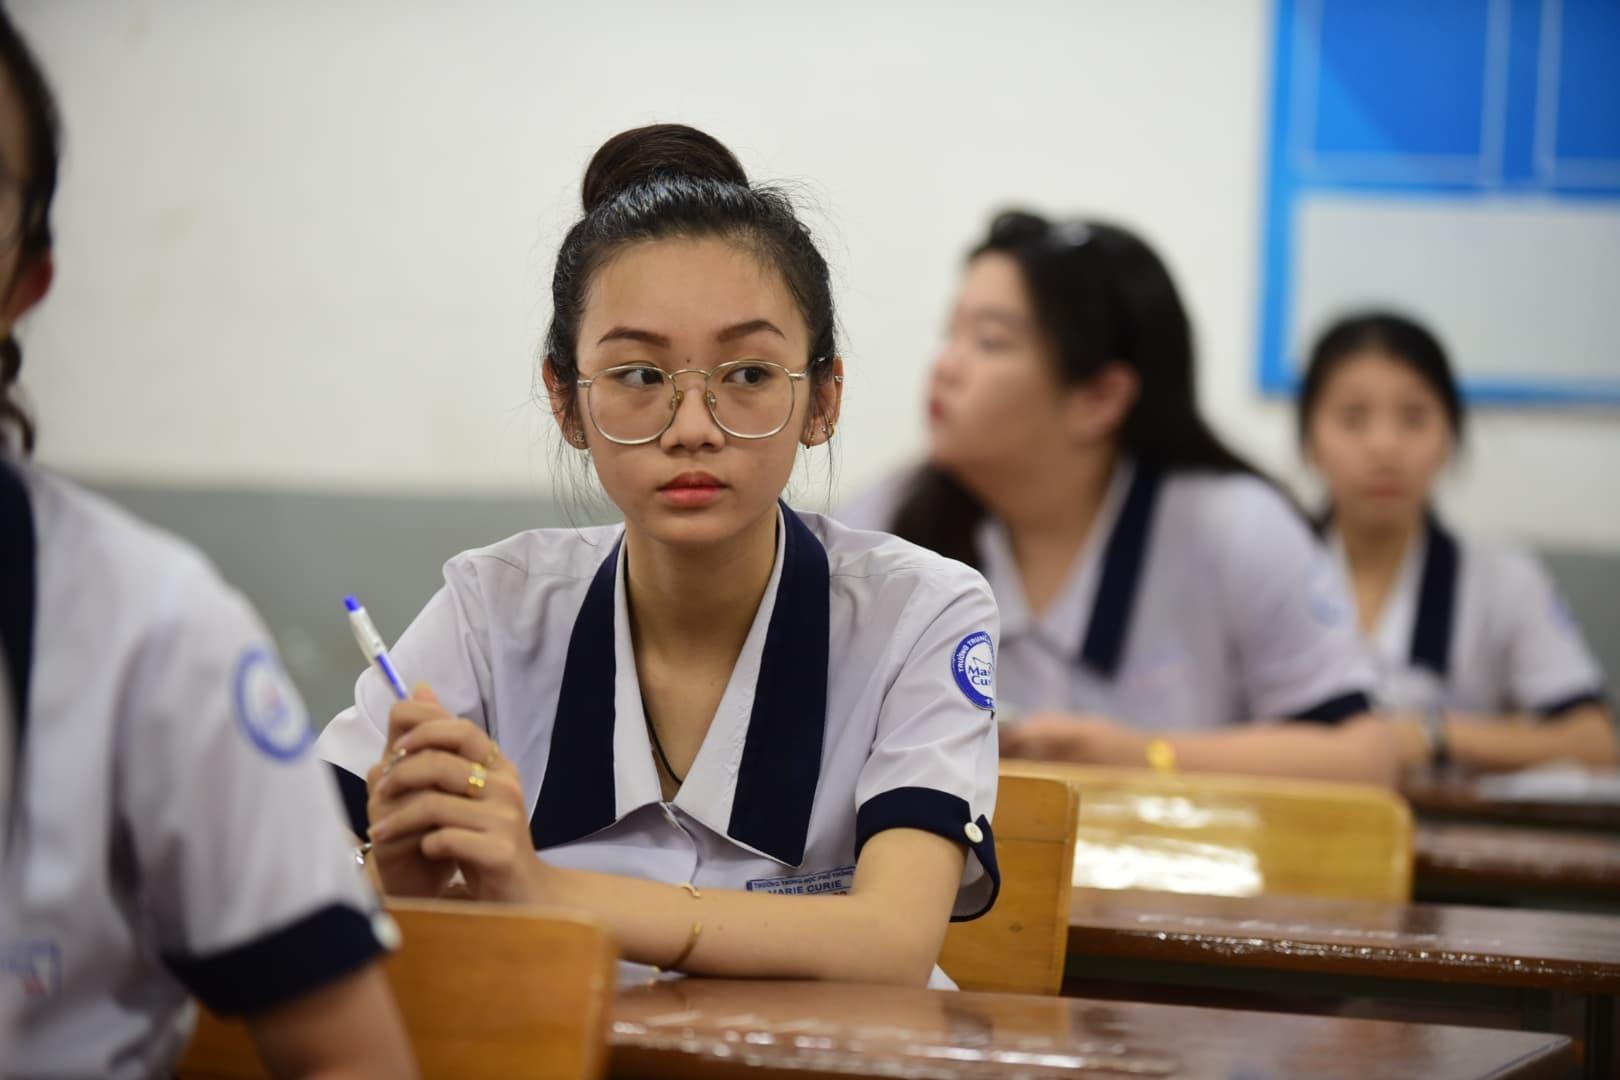 Bộ Giáo dục không công bố đáp án chính thức ngay sau kỳ thi THPT quốc gia